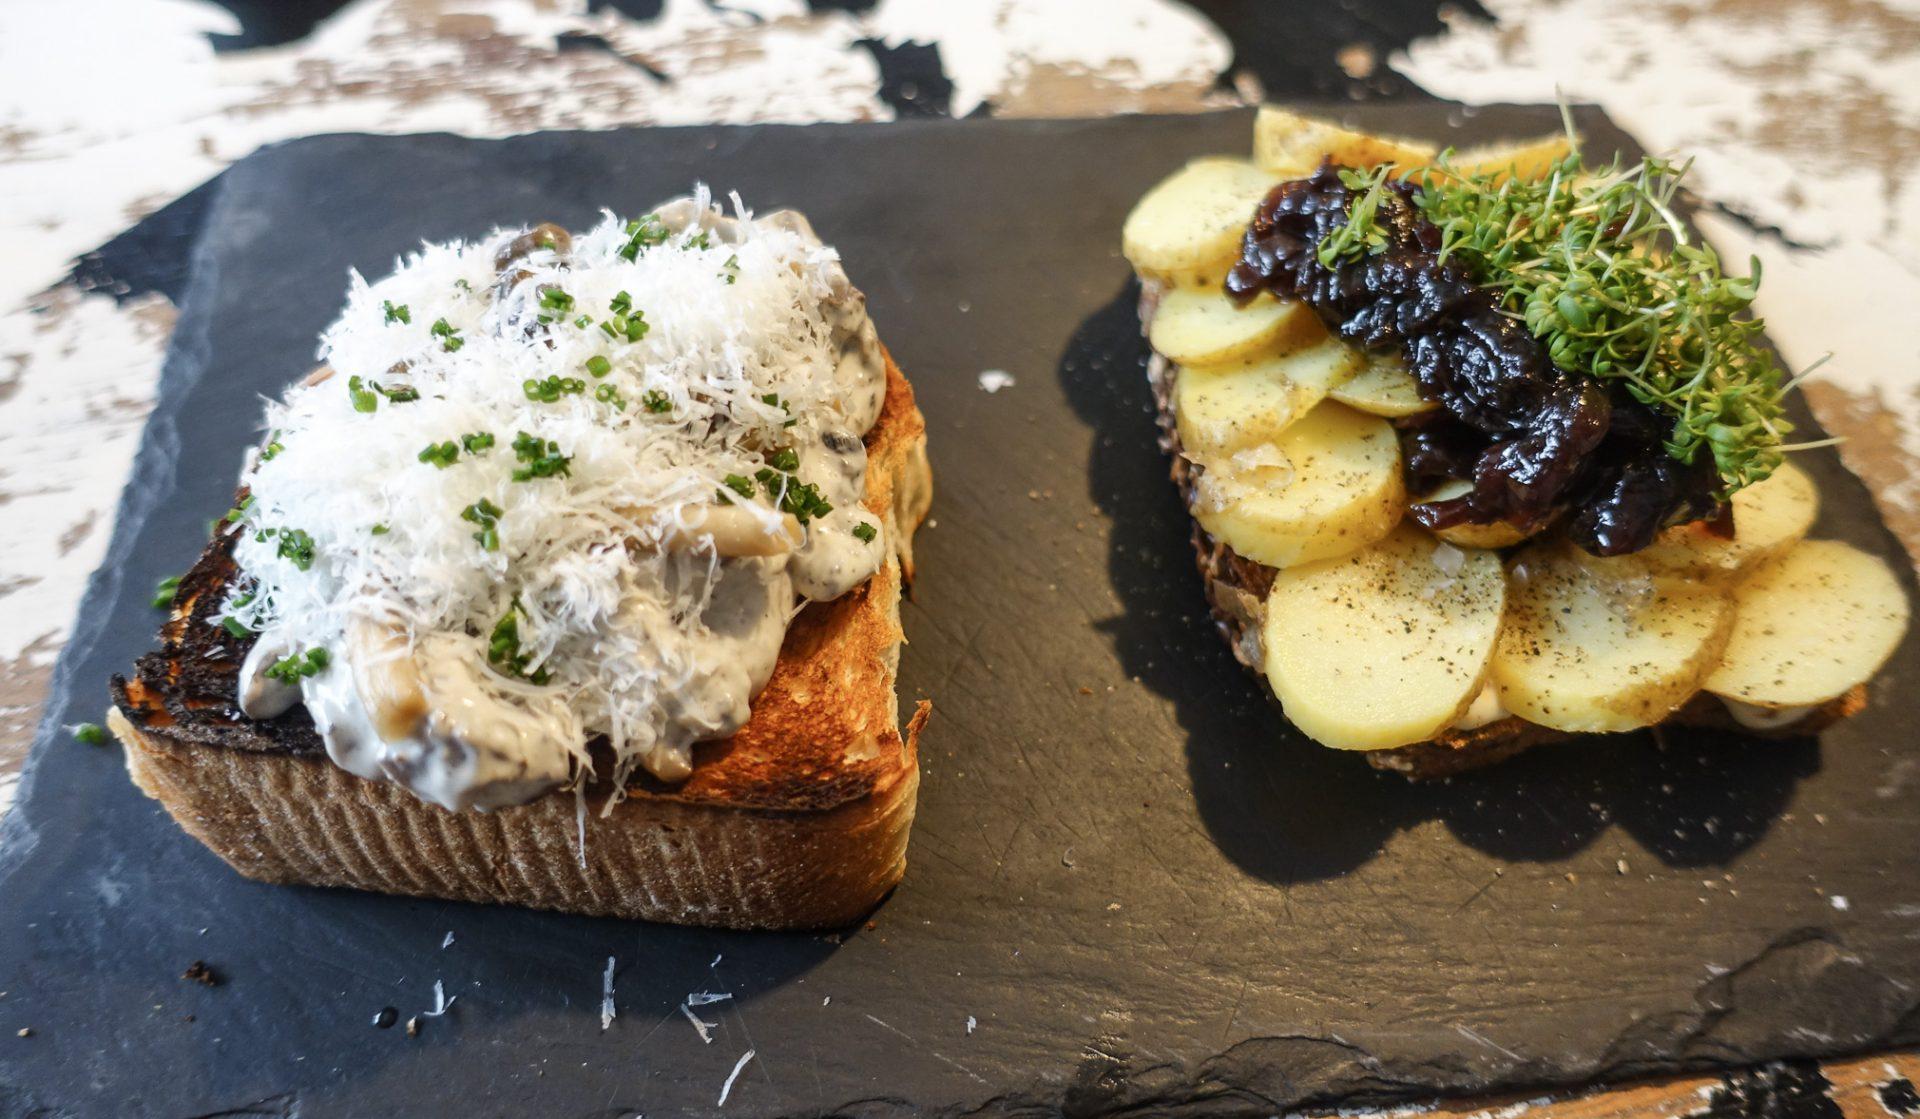 Smørrebrød på Vesterlauget: Det kan de godt være bekendt